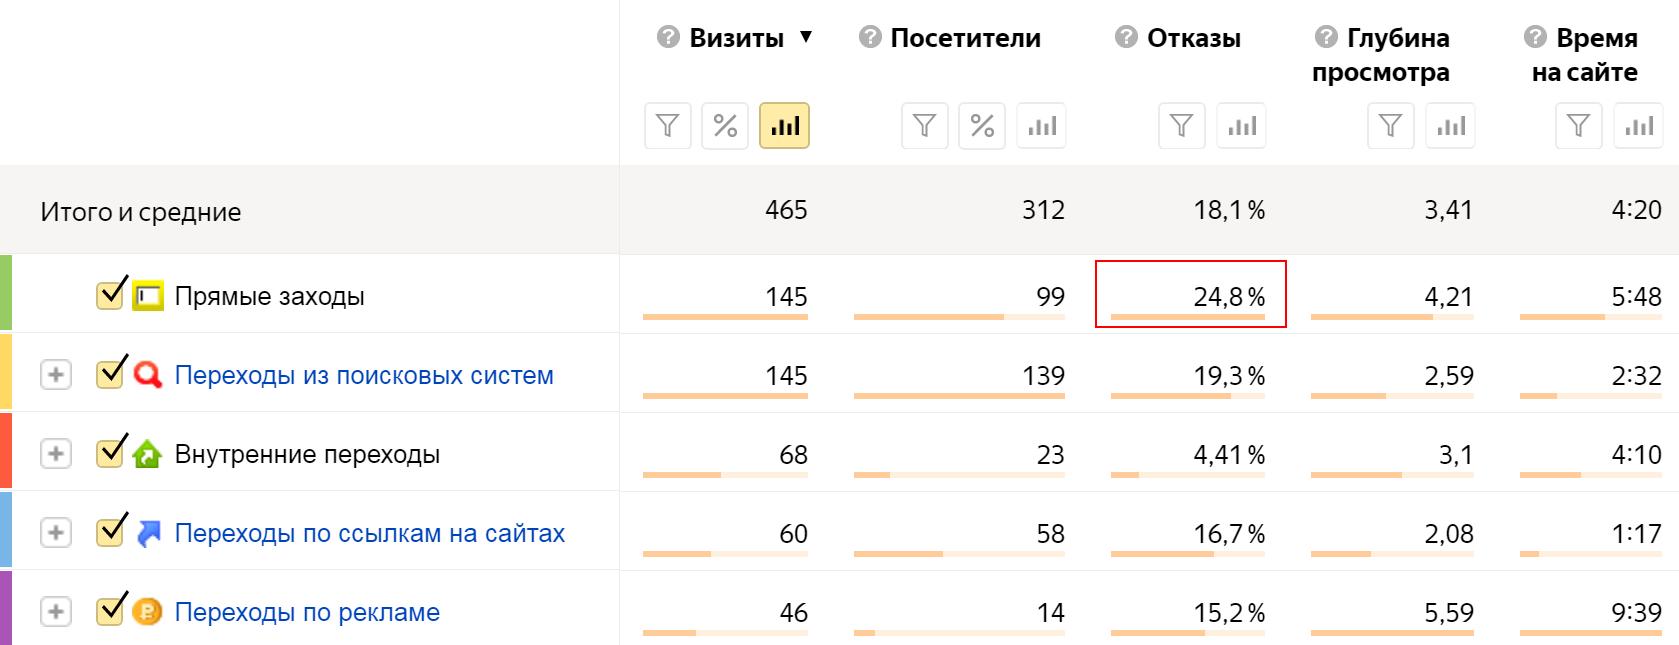 Анализ показателя отказов сайта